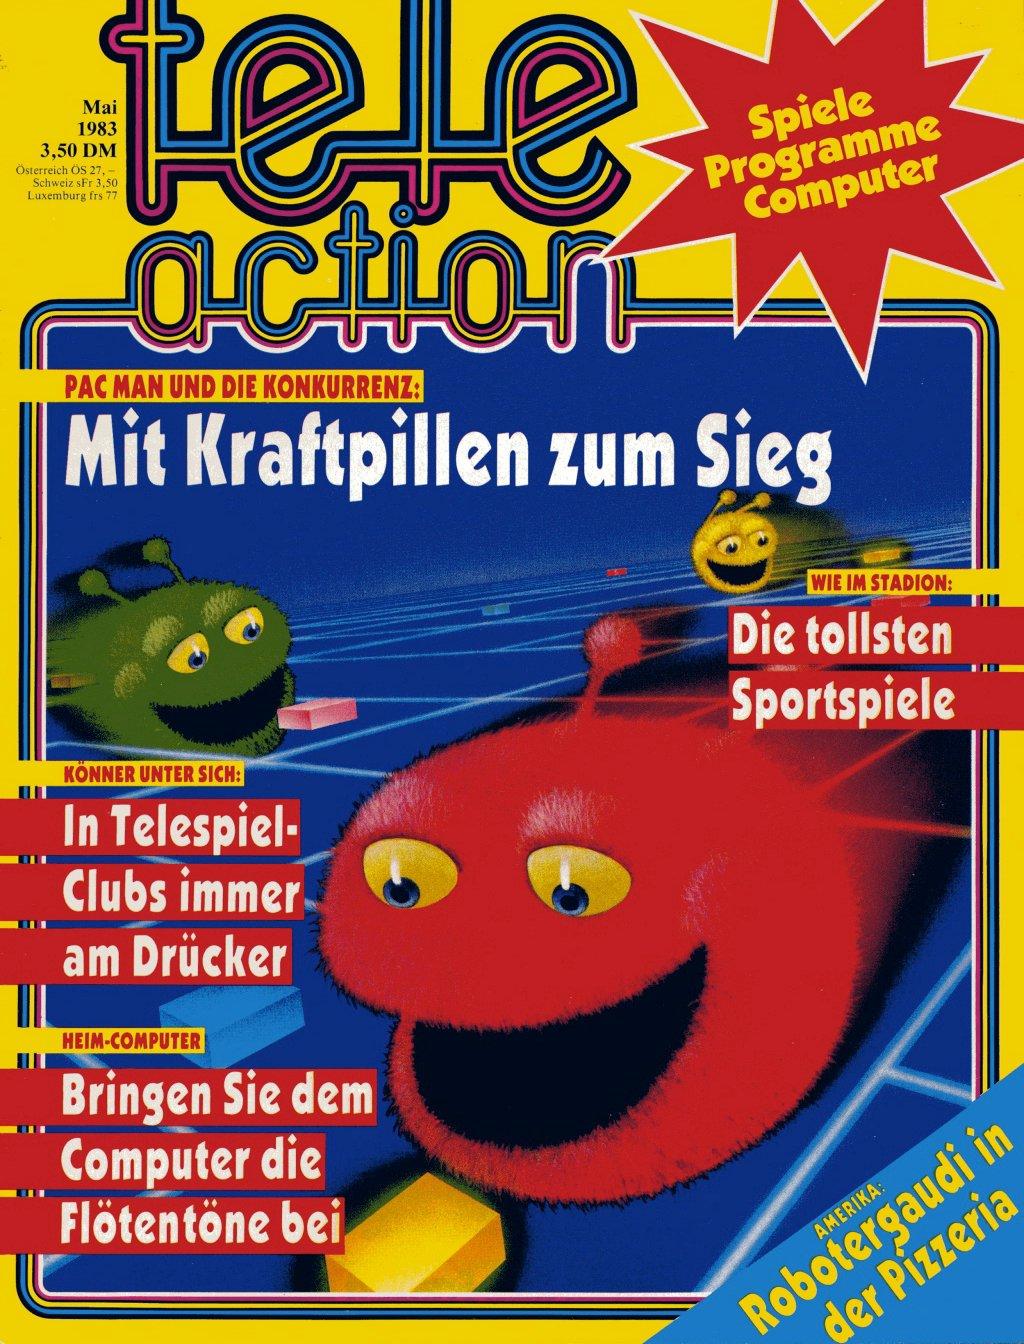 Das Cover der Zweitausgabe der tele action, Mai 1983. (Bild: Ehapa-Verlag)